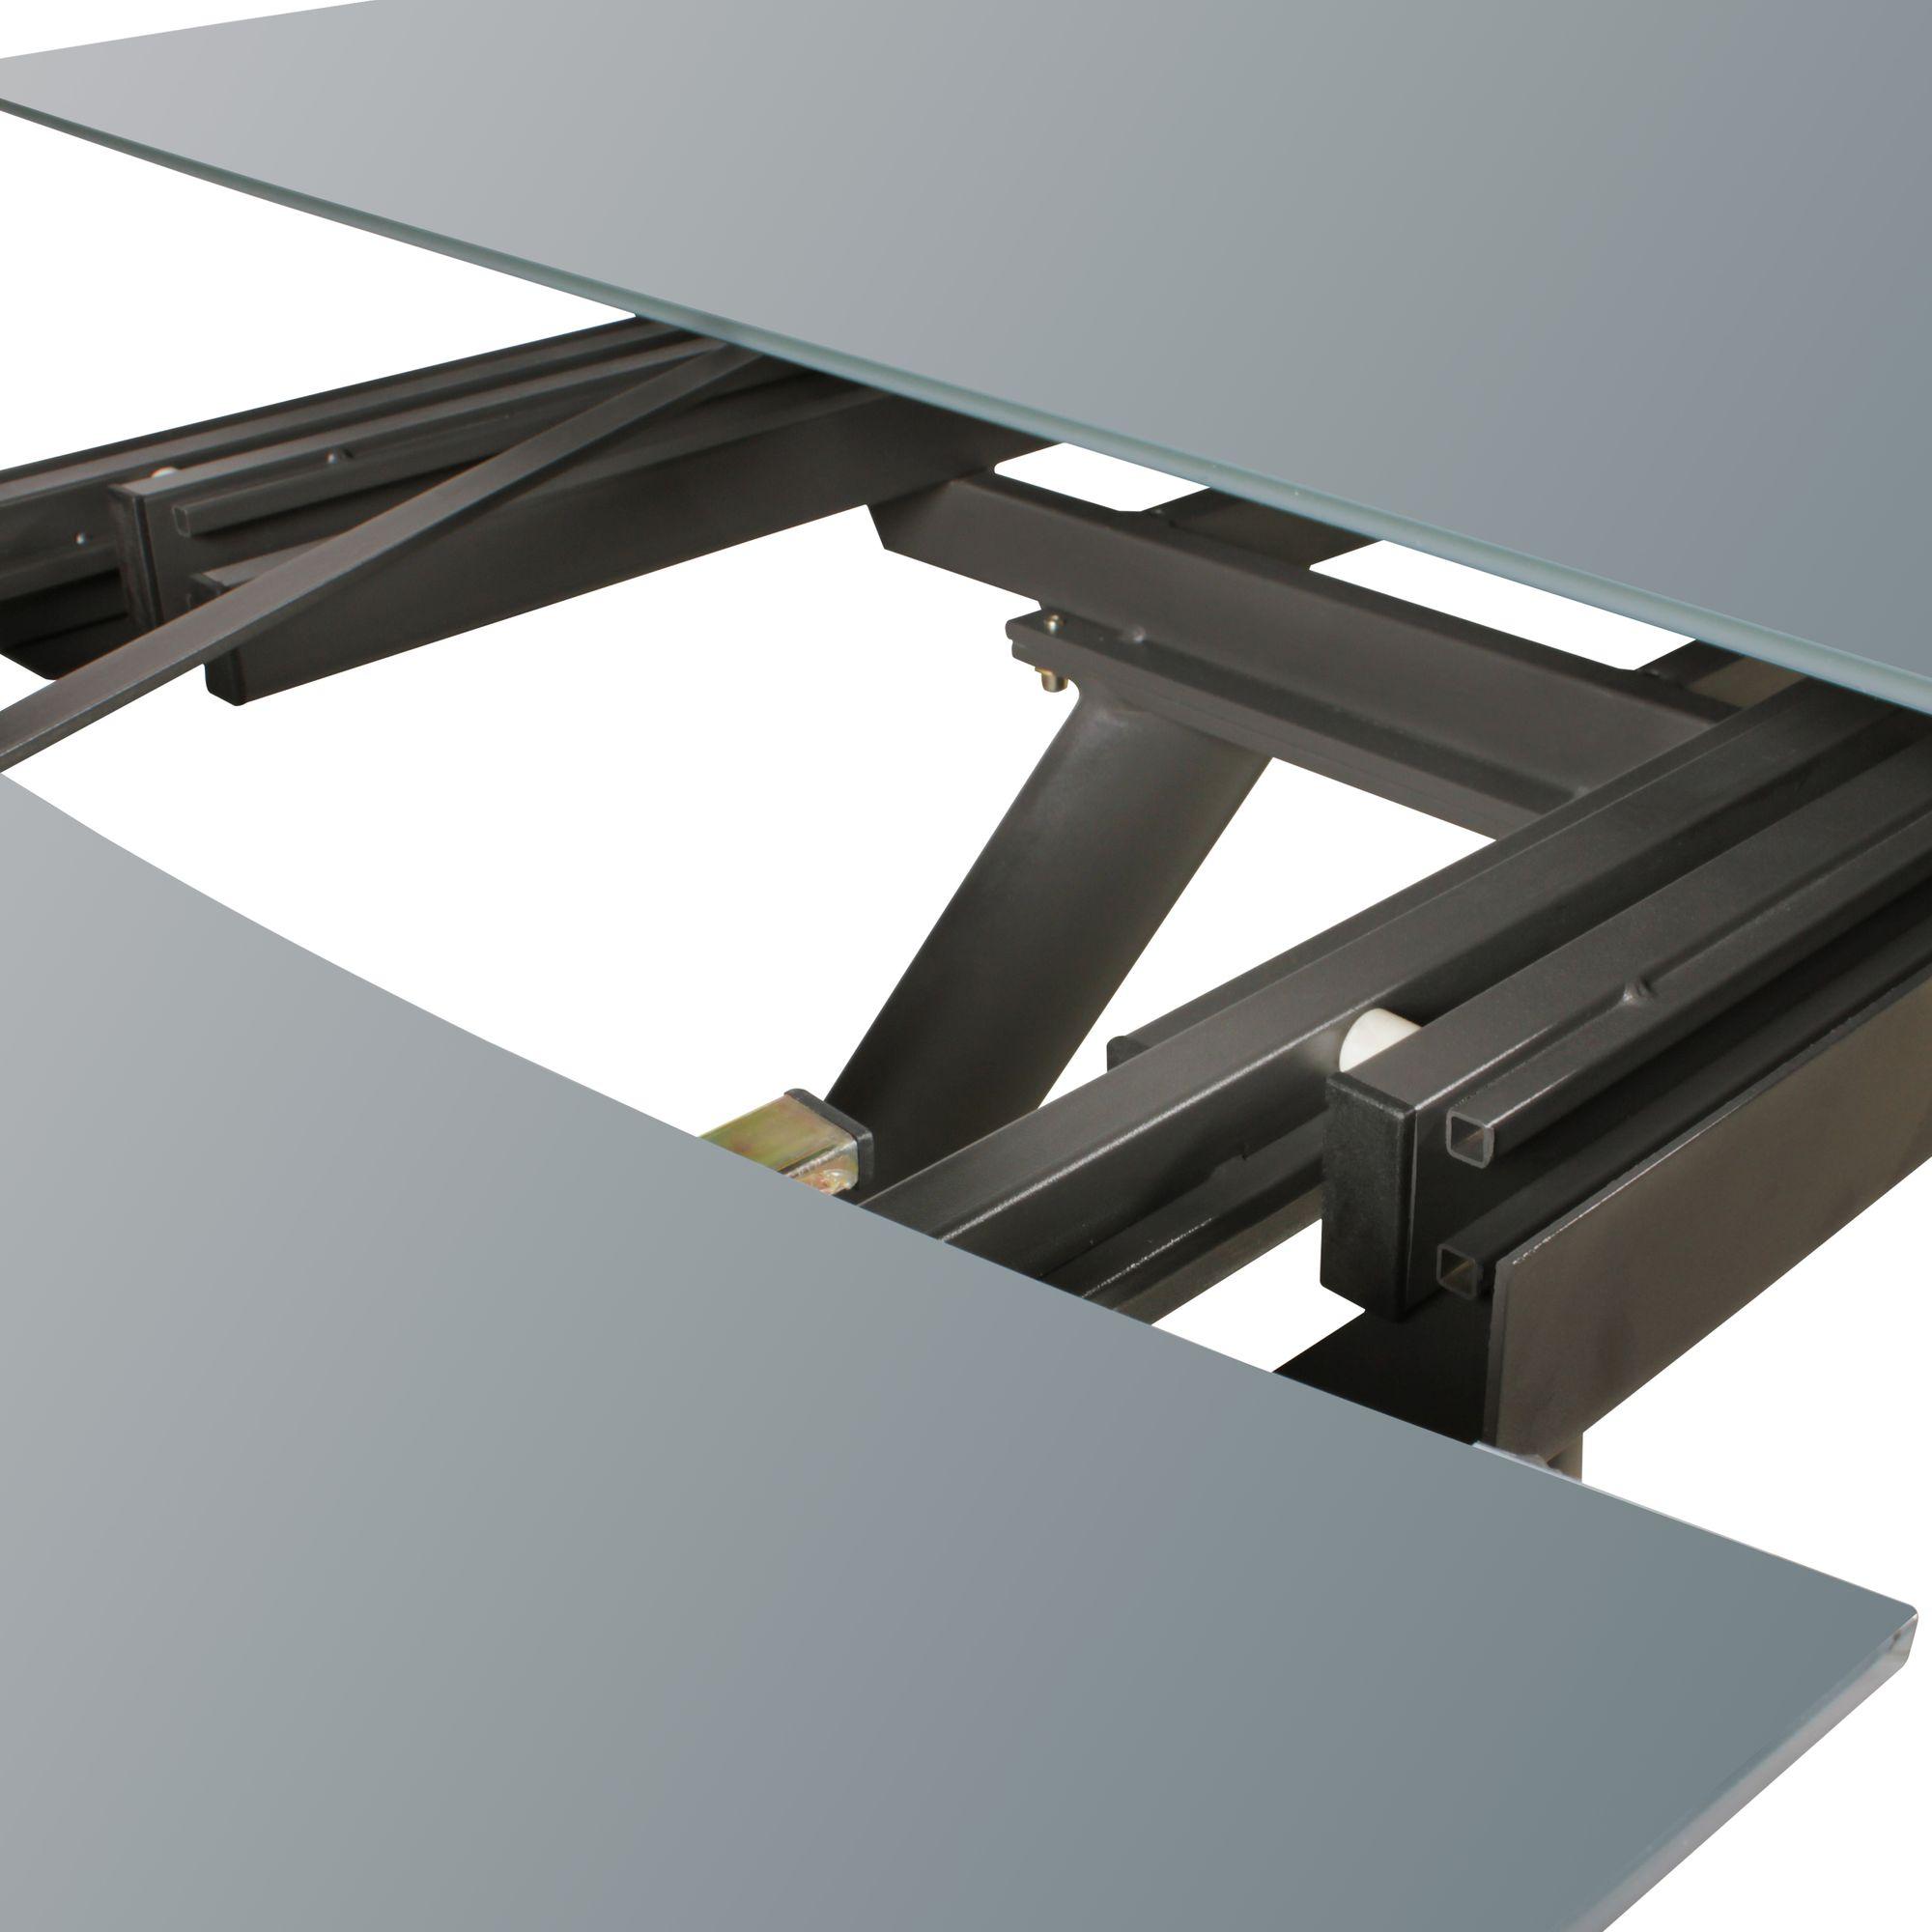 Küchentisch Ausziehbar: 240 Cm Ausziehbar Küchentisch Metall